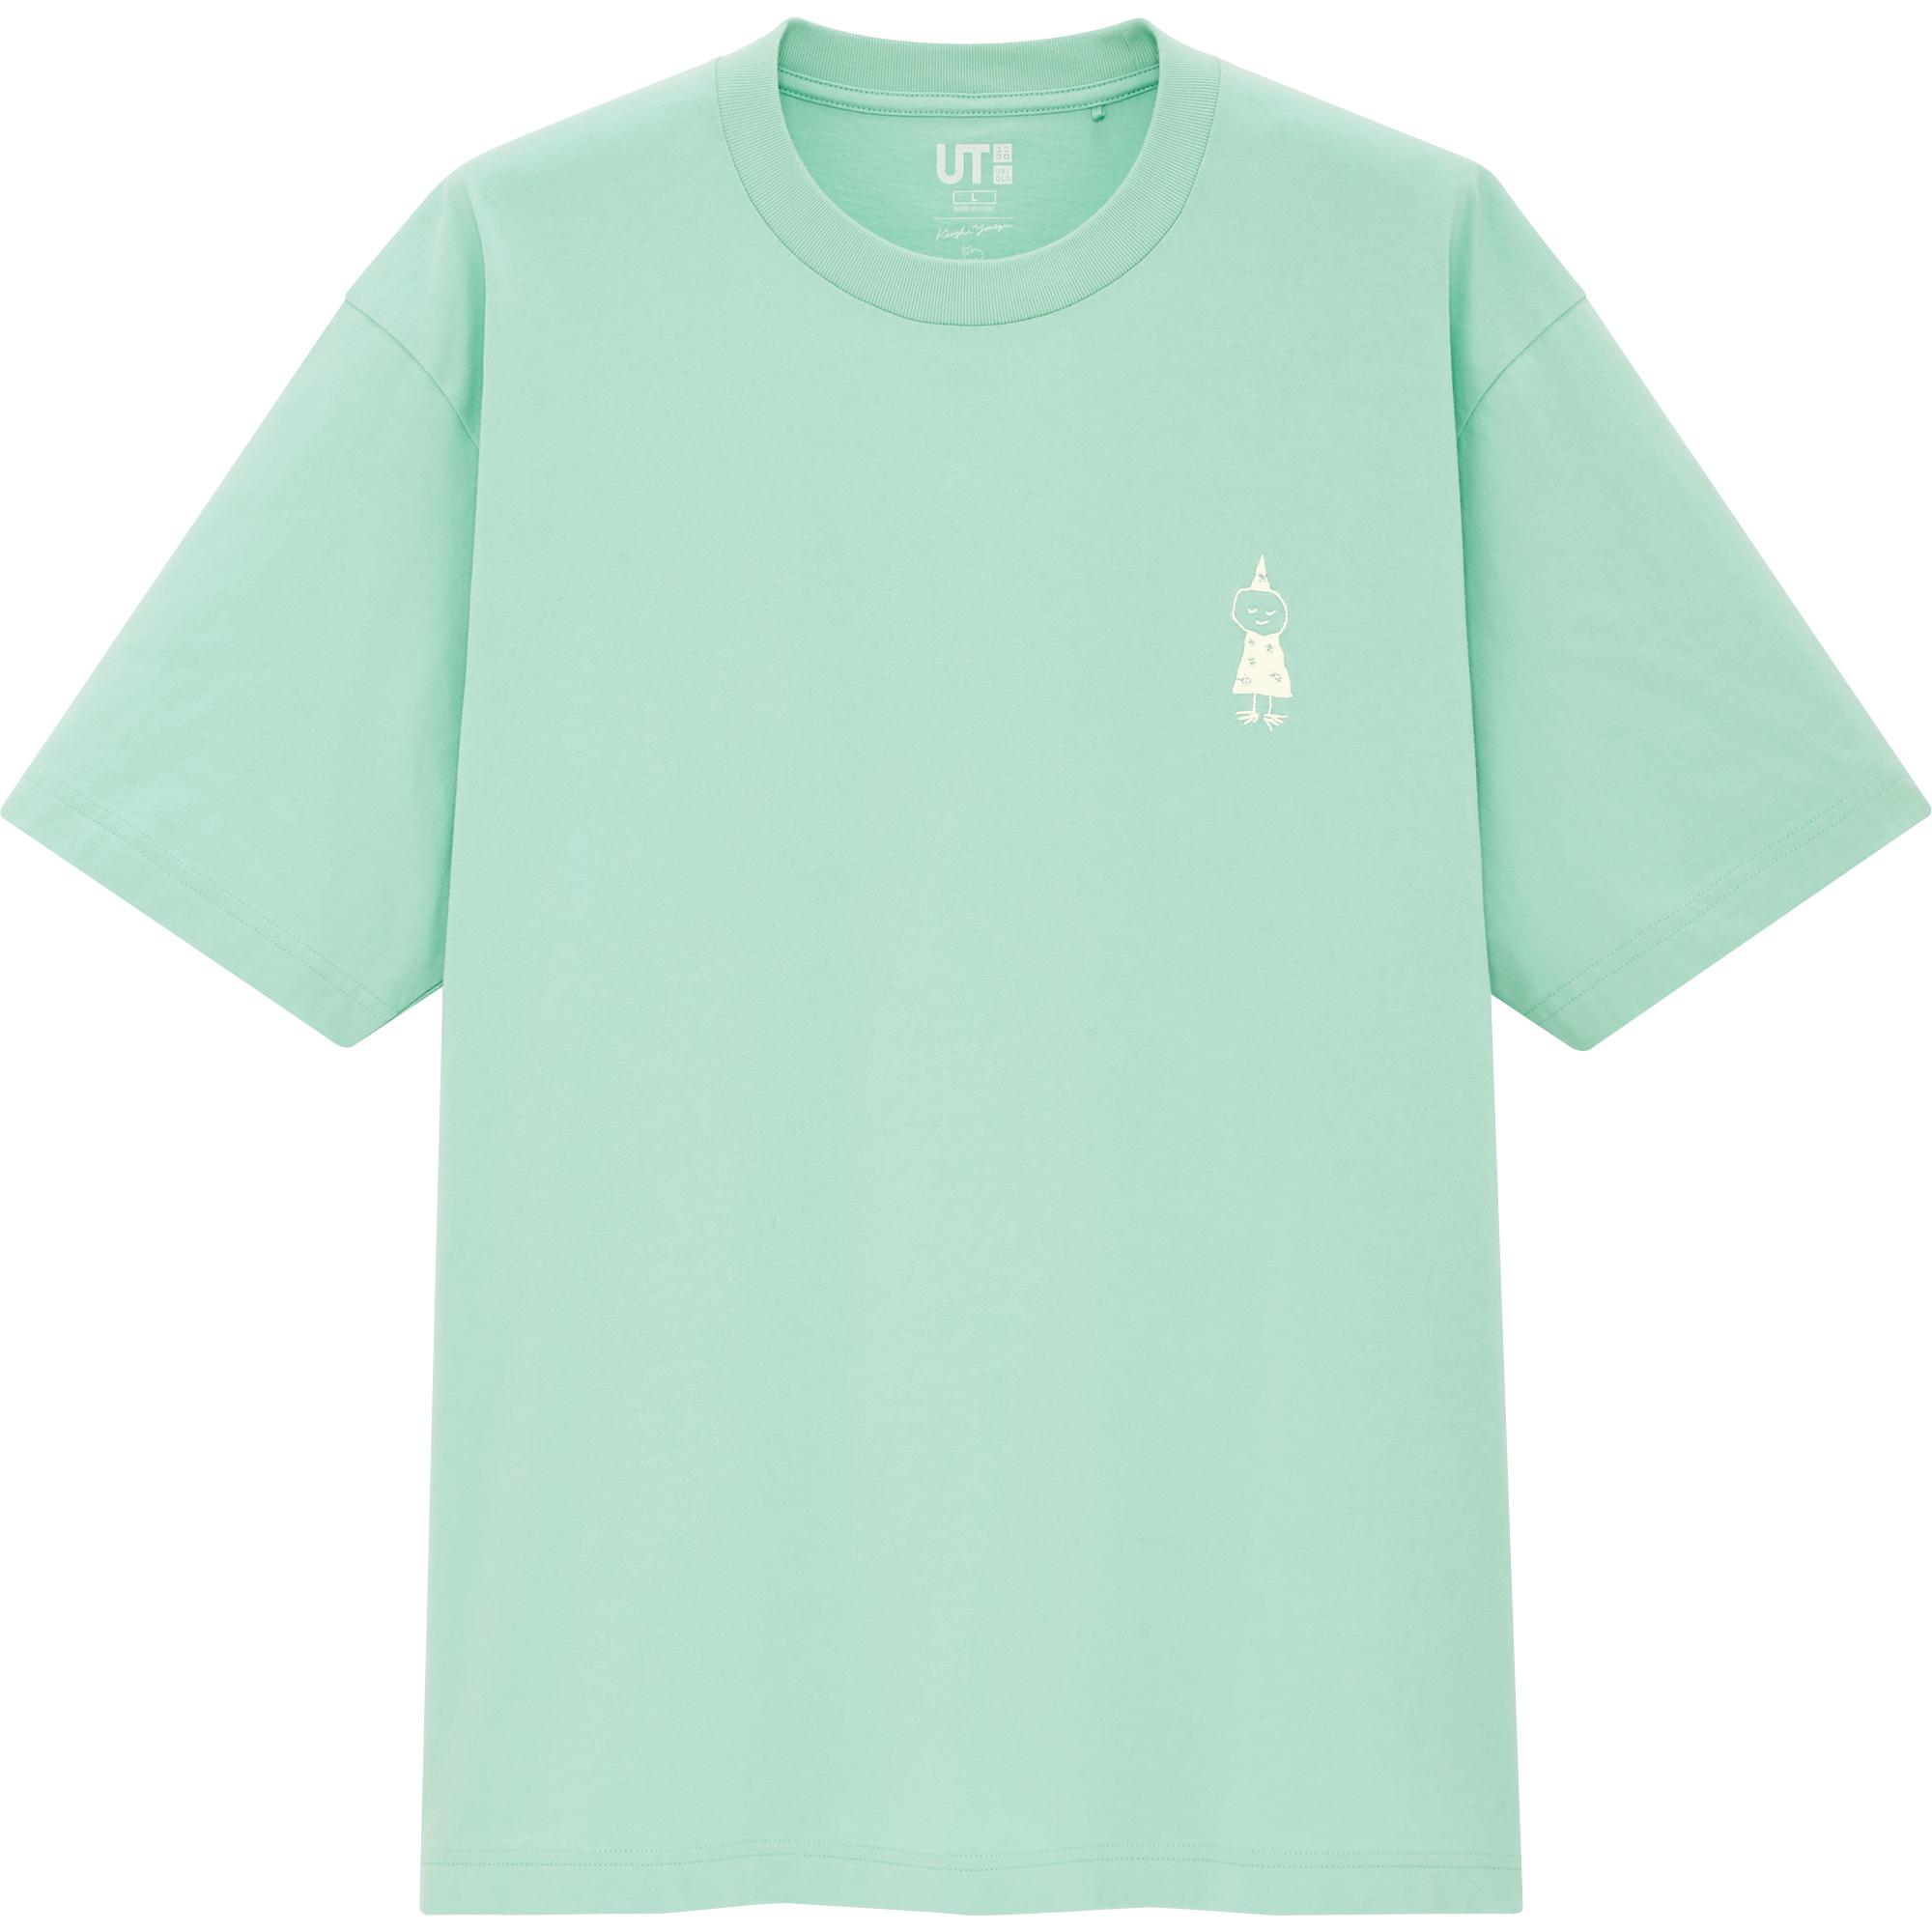 米津玄師×UT_TシャツB1